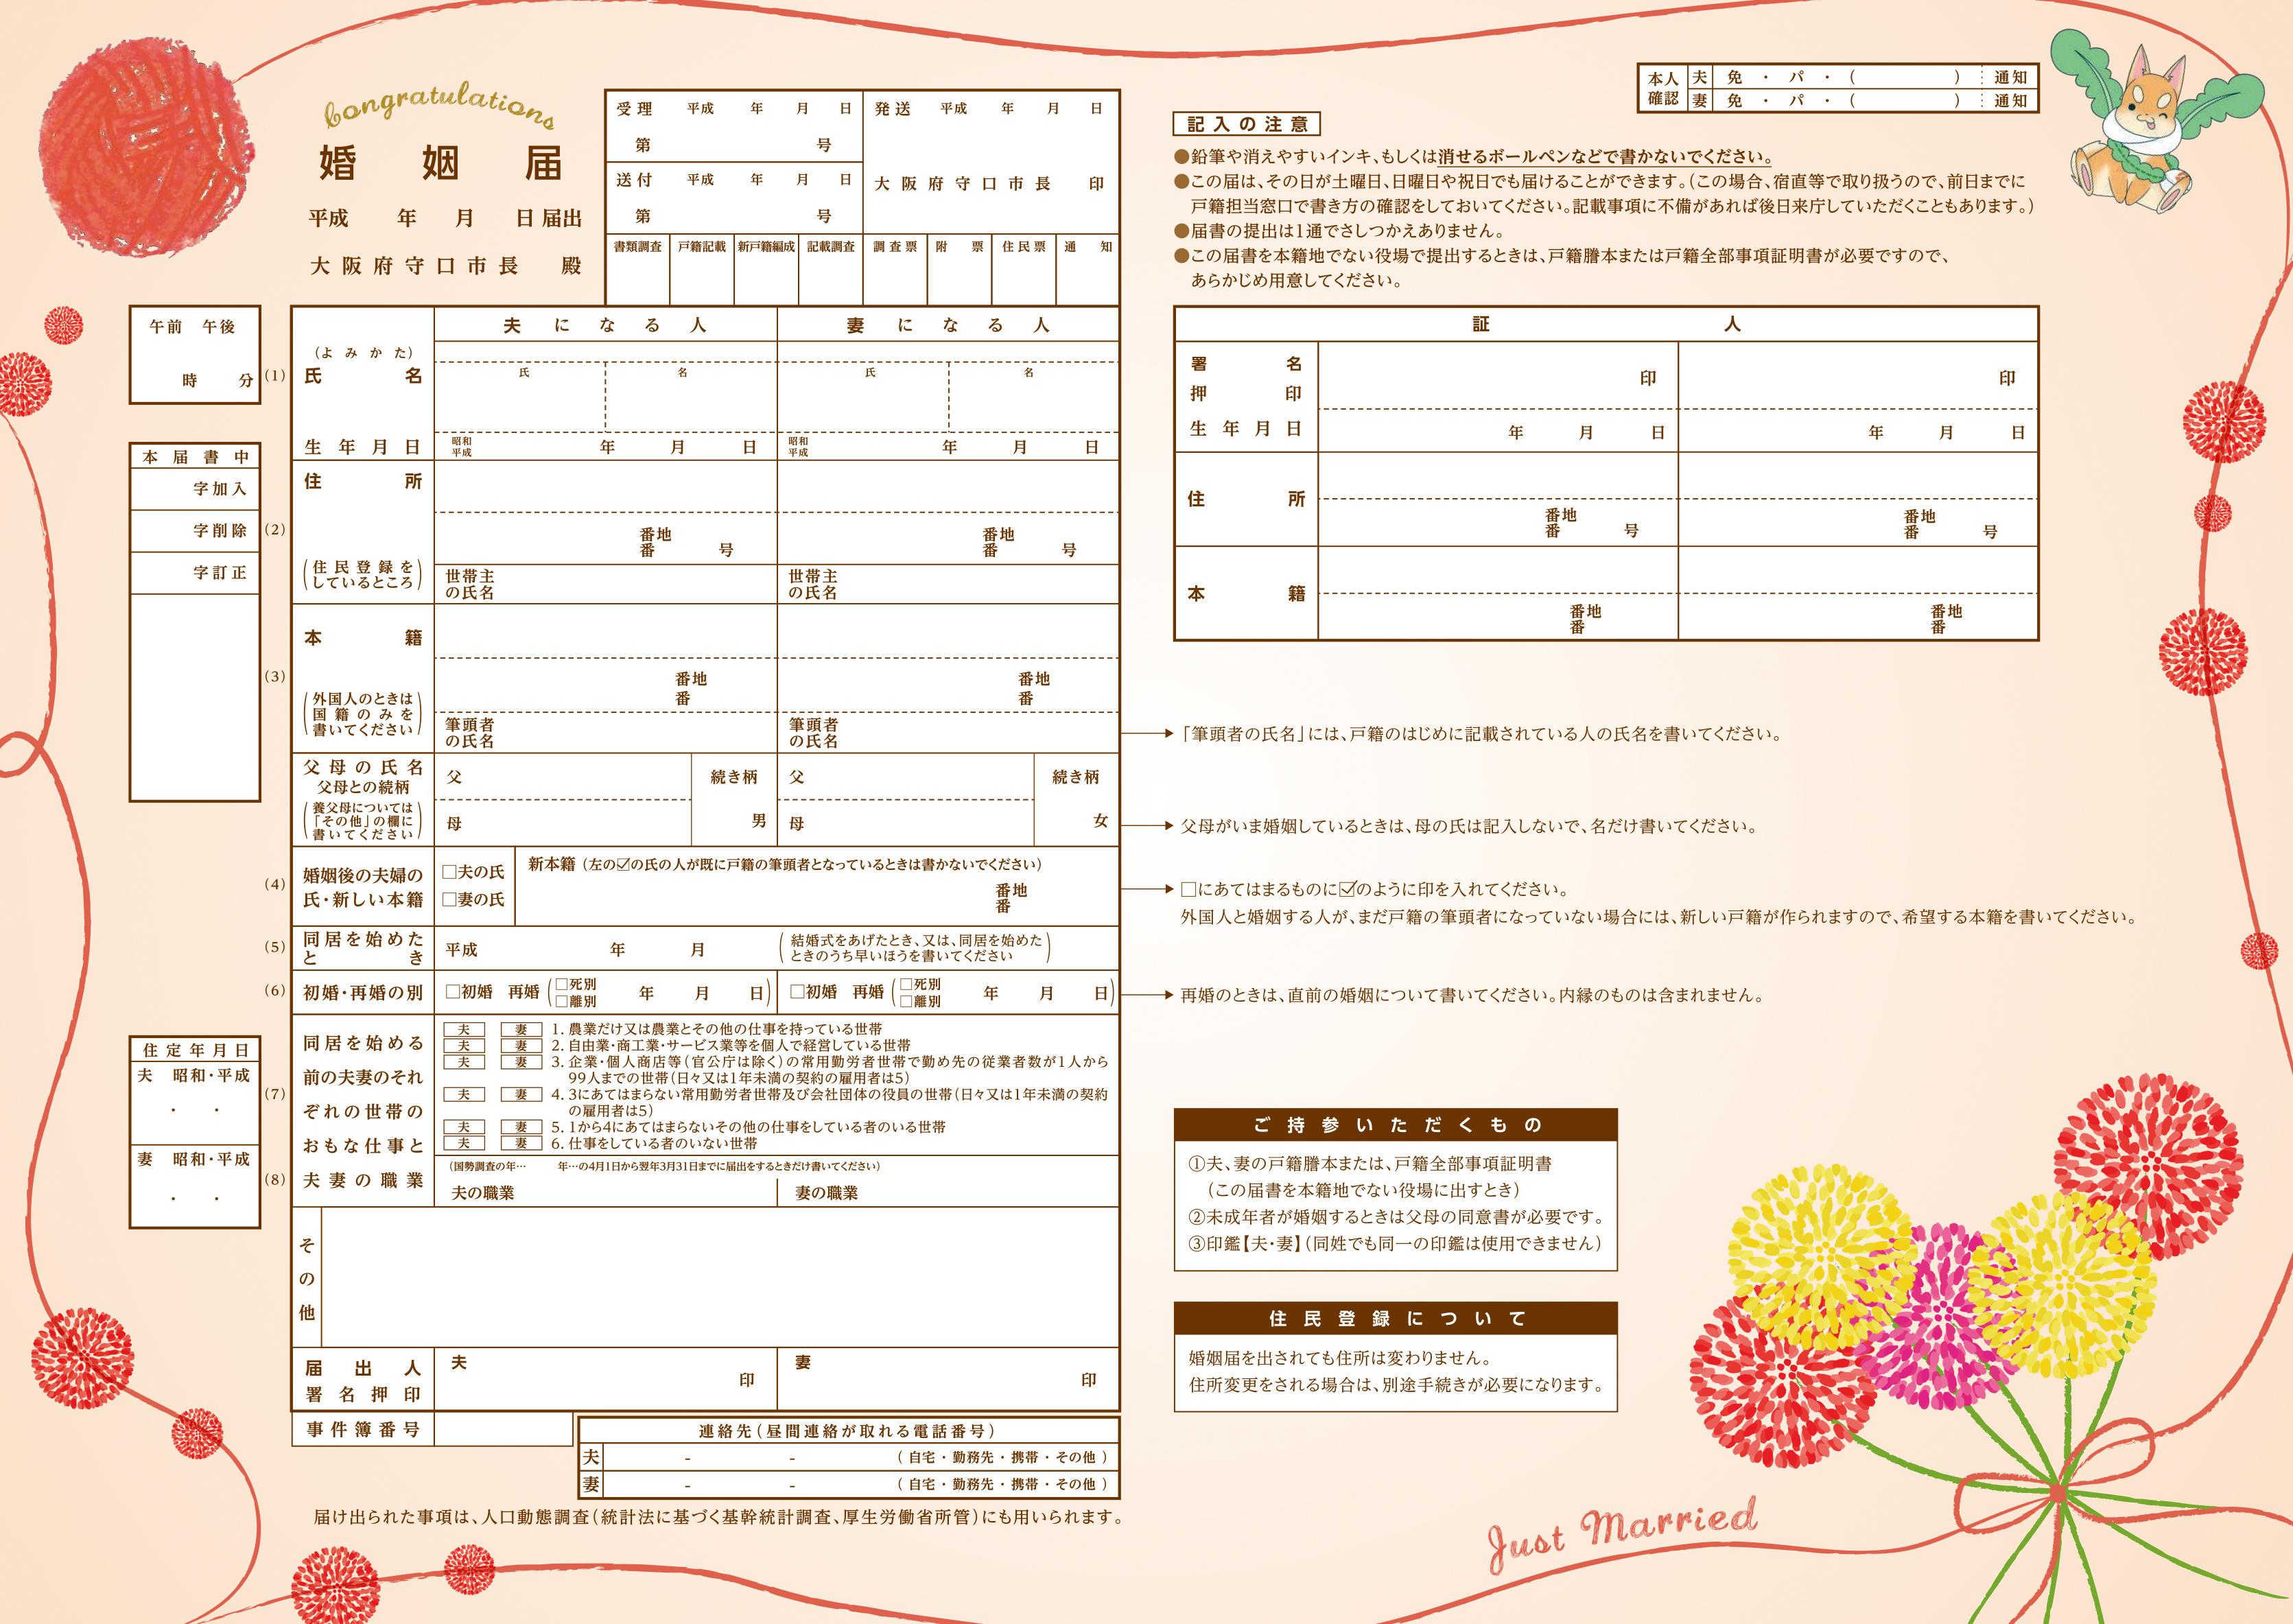 大阪府守口市の「オリジナル婚姻届&新生活スタートブック」で大阪国際大学短期大学部の学生がアイデアを提供